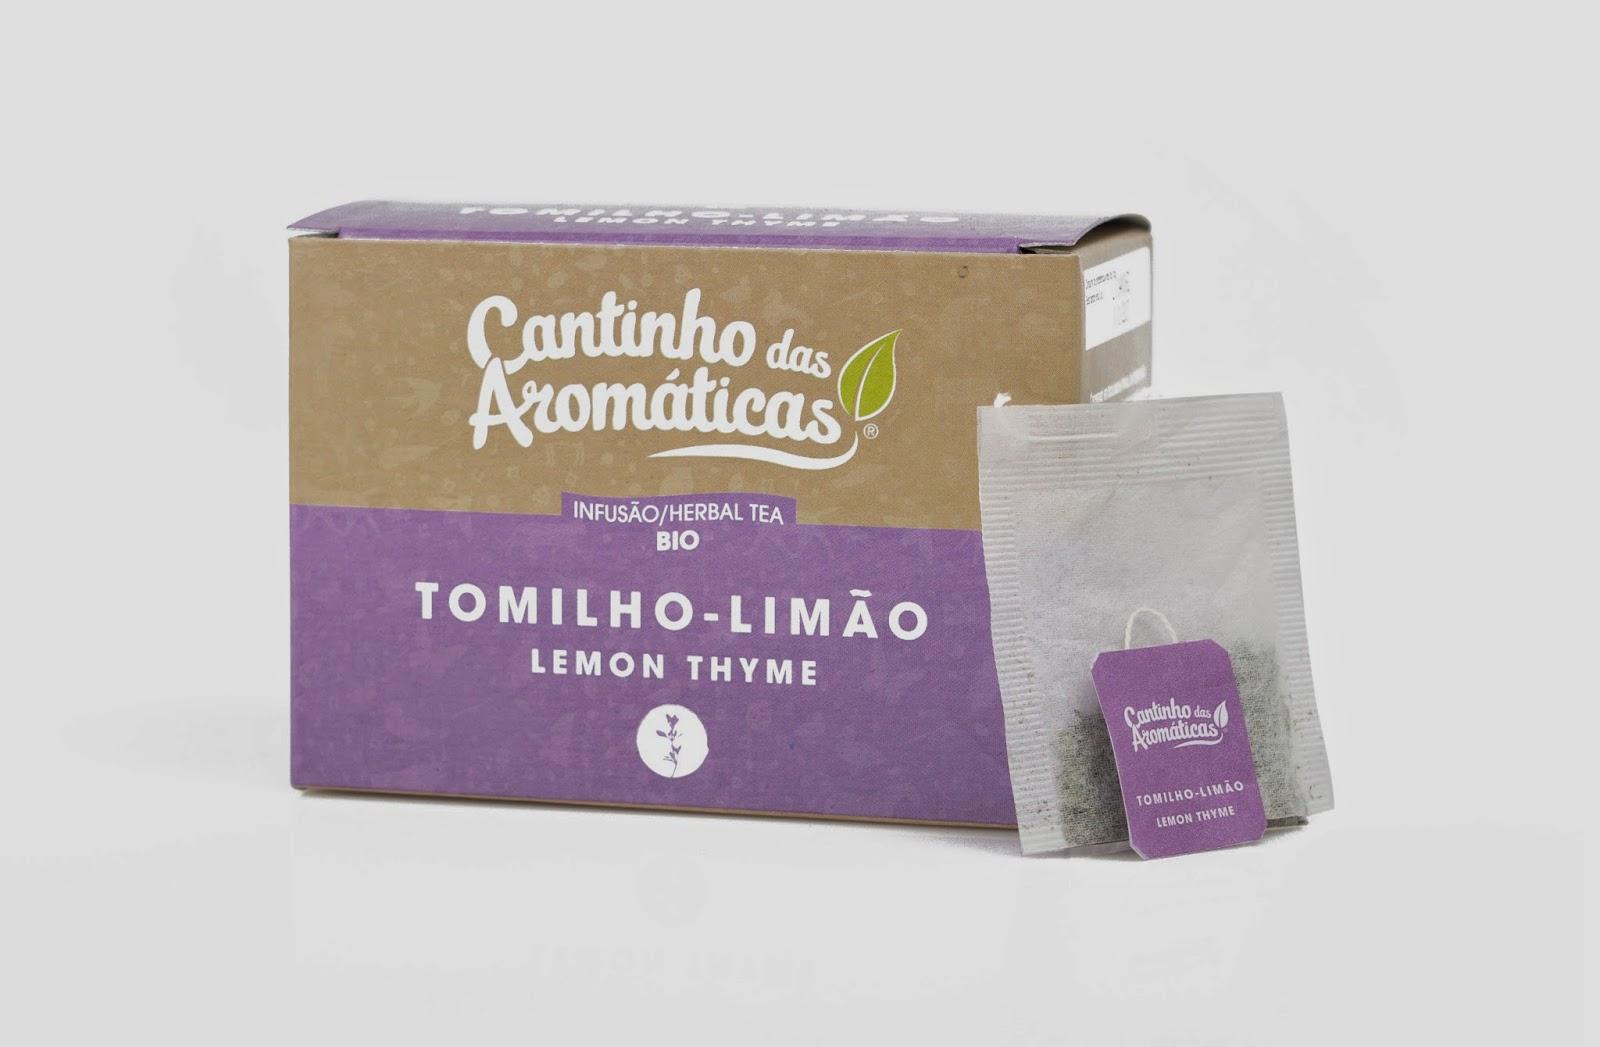 http://www.cantinhodasaromaticas.pt/loja/infusoes-bio-em-saquetas/tomilho-limao-infusao-bio-em-saquetas/